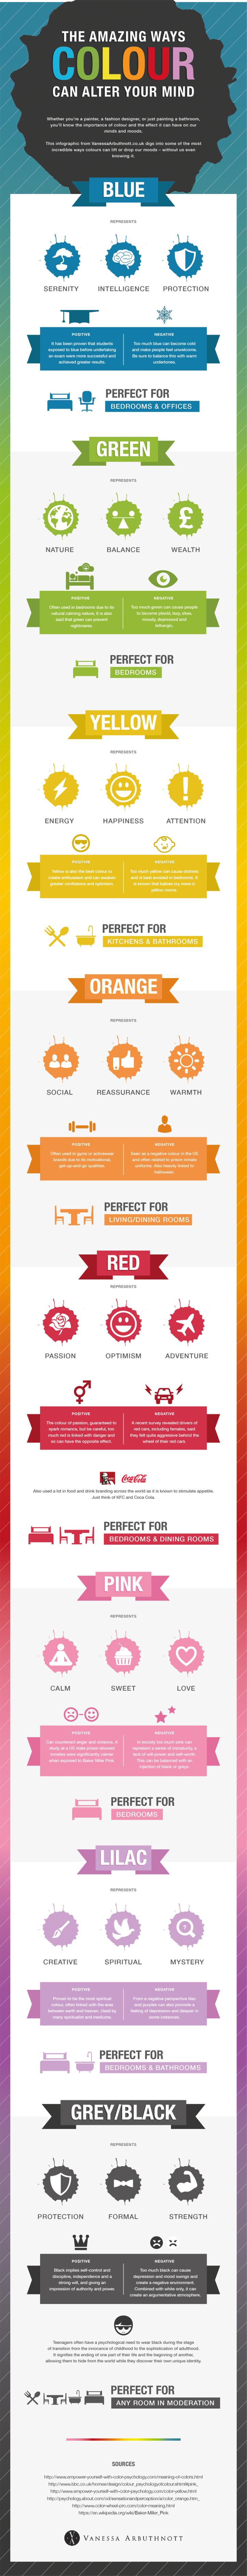 Las diferentes y sorprendentes maneras en que los colores pueden alterar tu mente